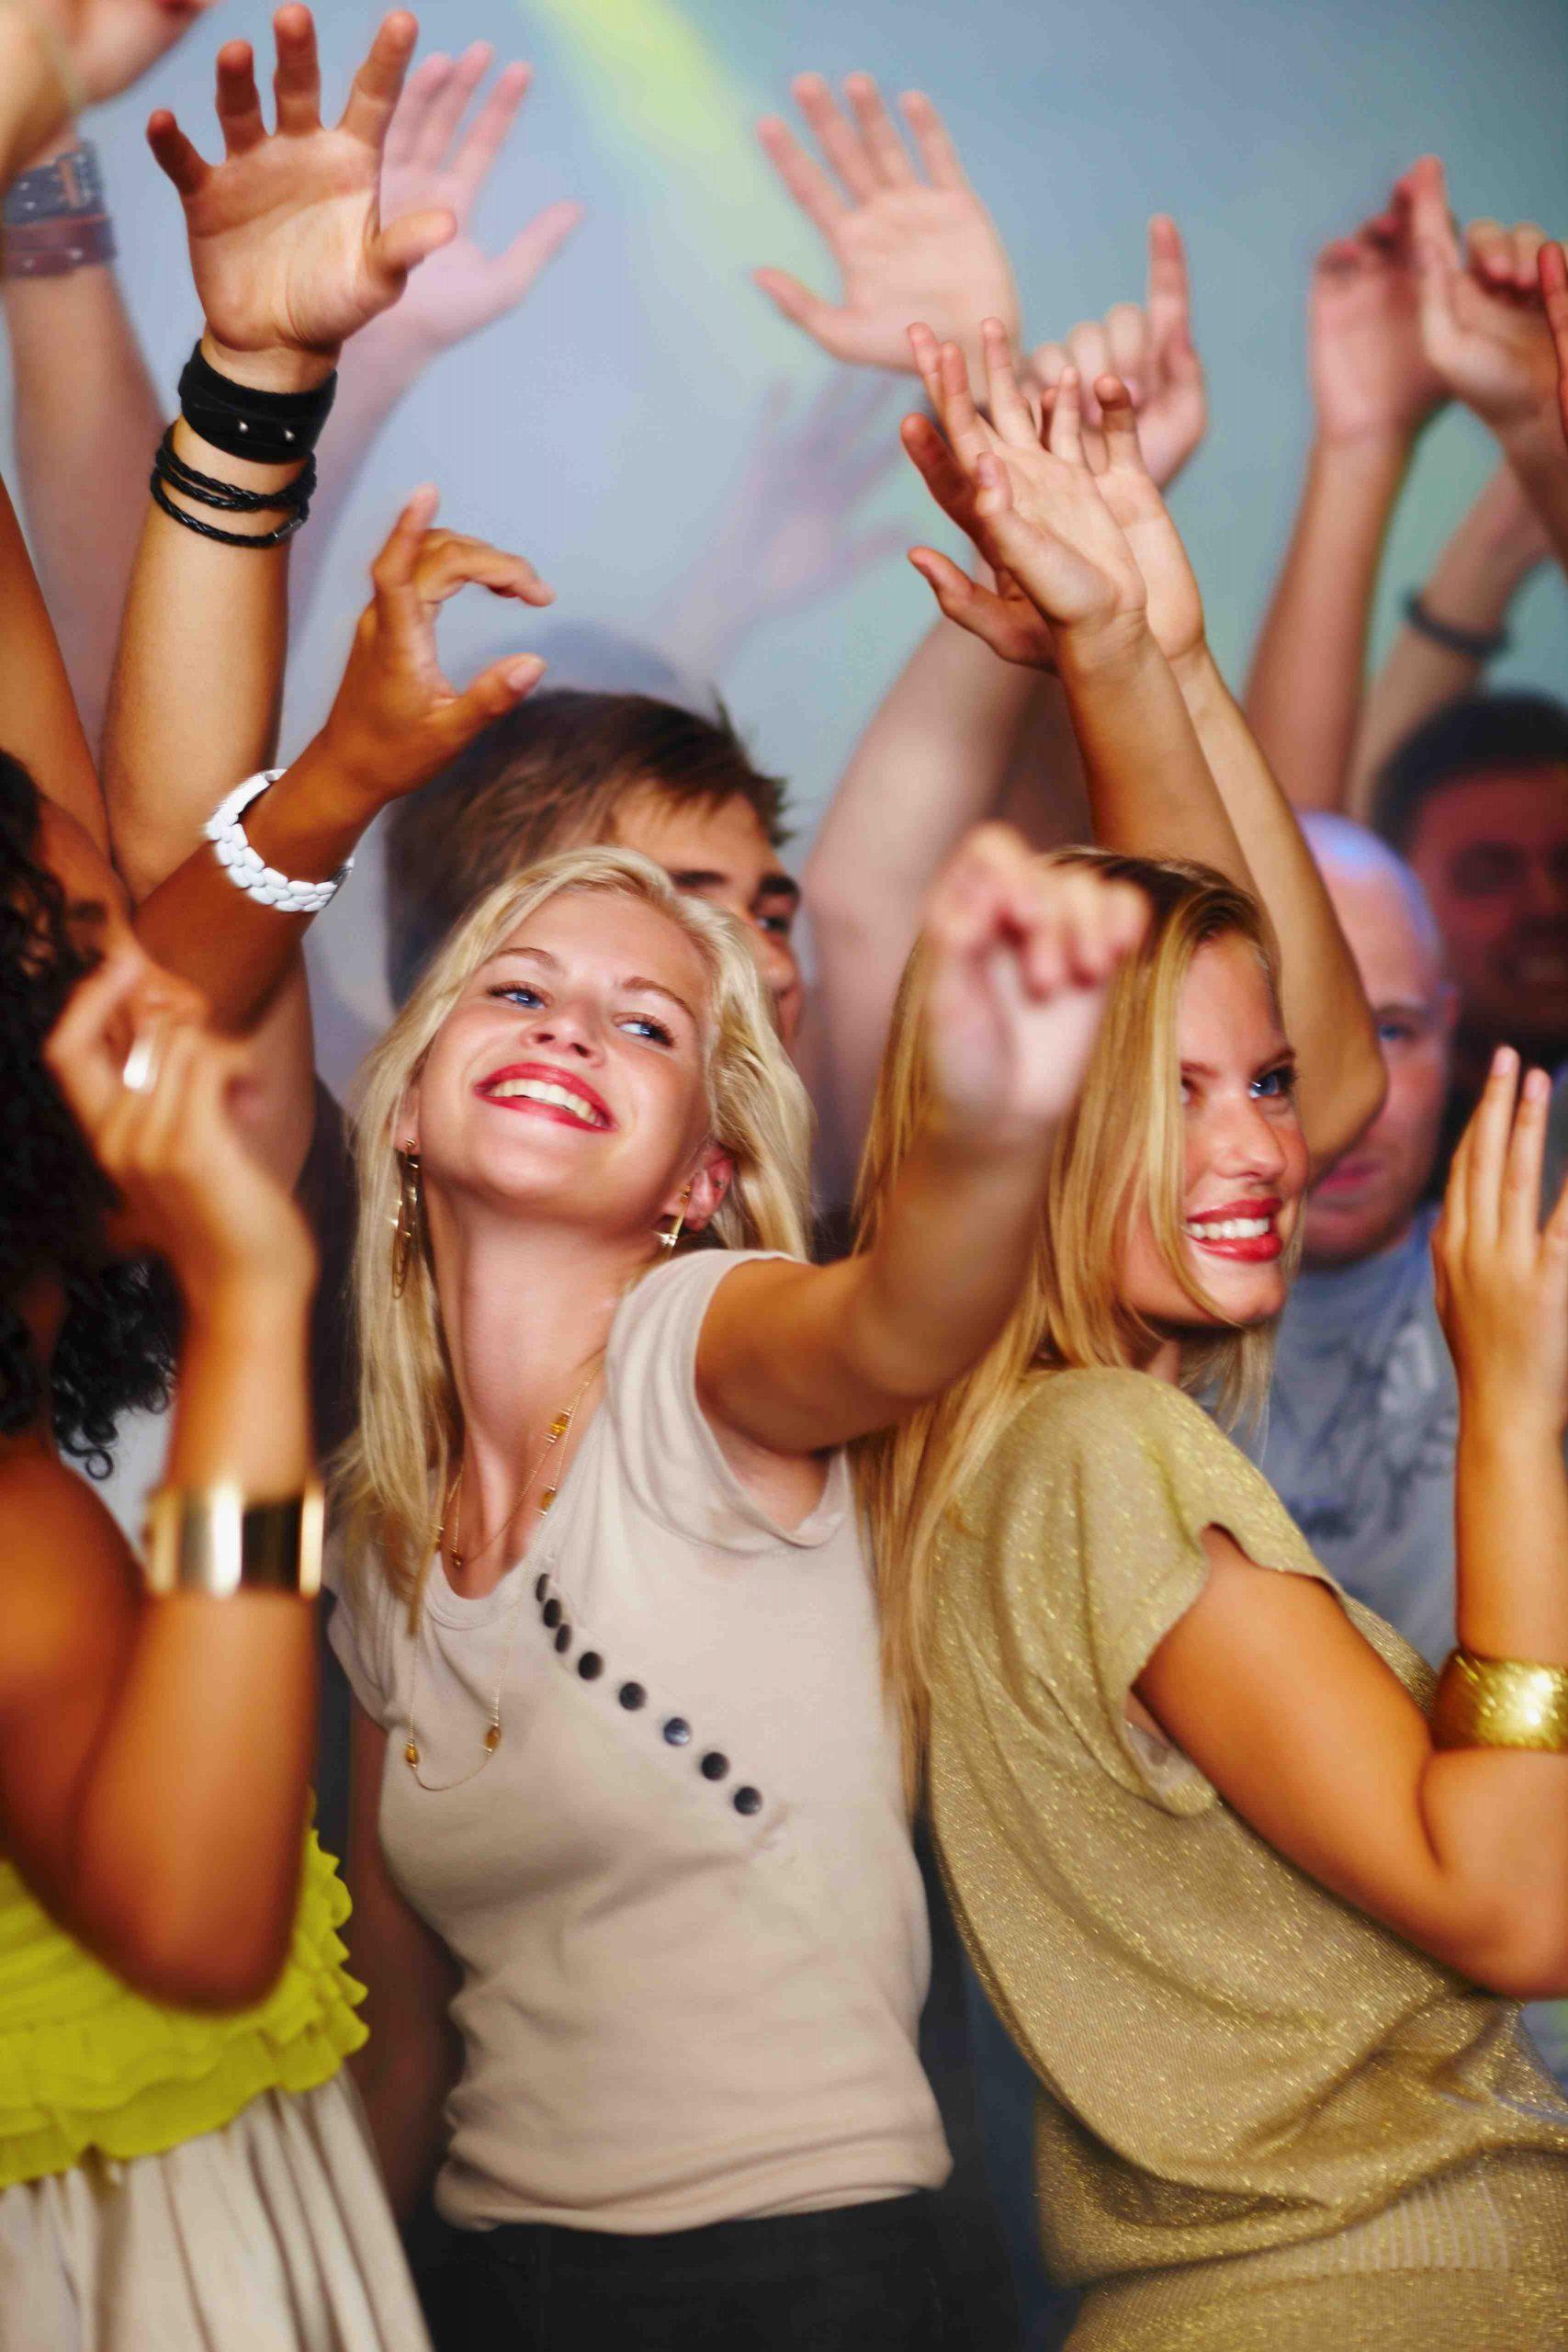 Klassenfahrt Und Alkohol: Der Albtraum Für Lehrer? | Herolé verwandt mit Alkohol Auf Klassenfahrt Konsequenzen